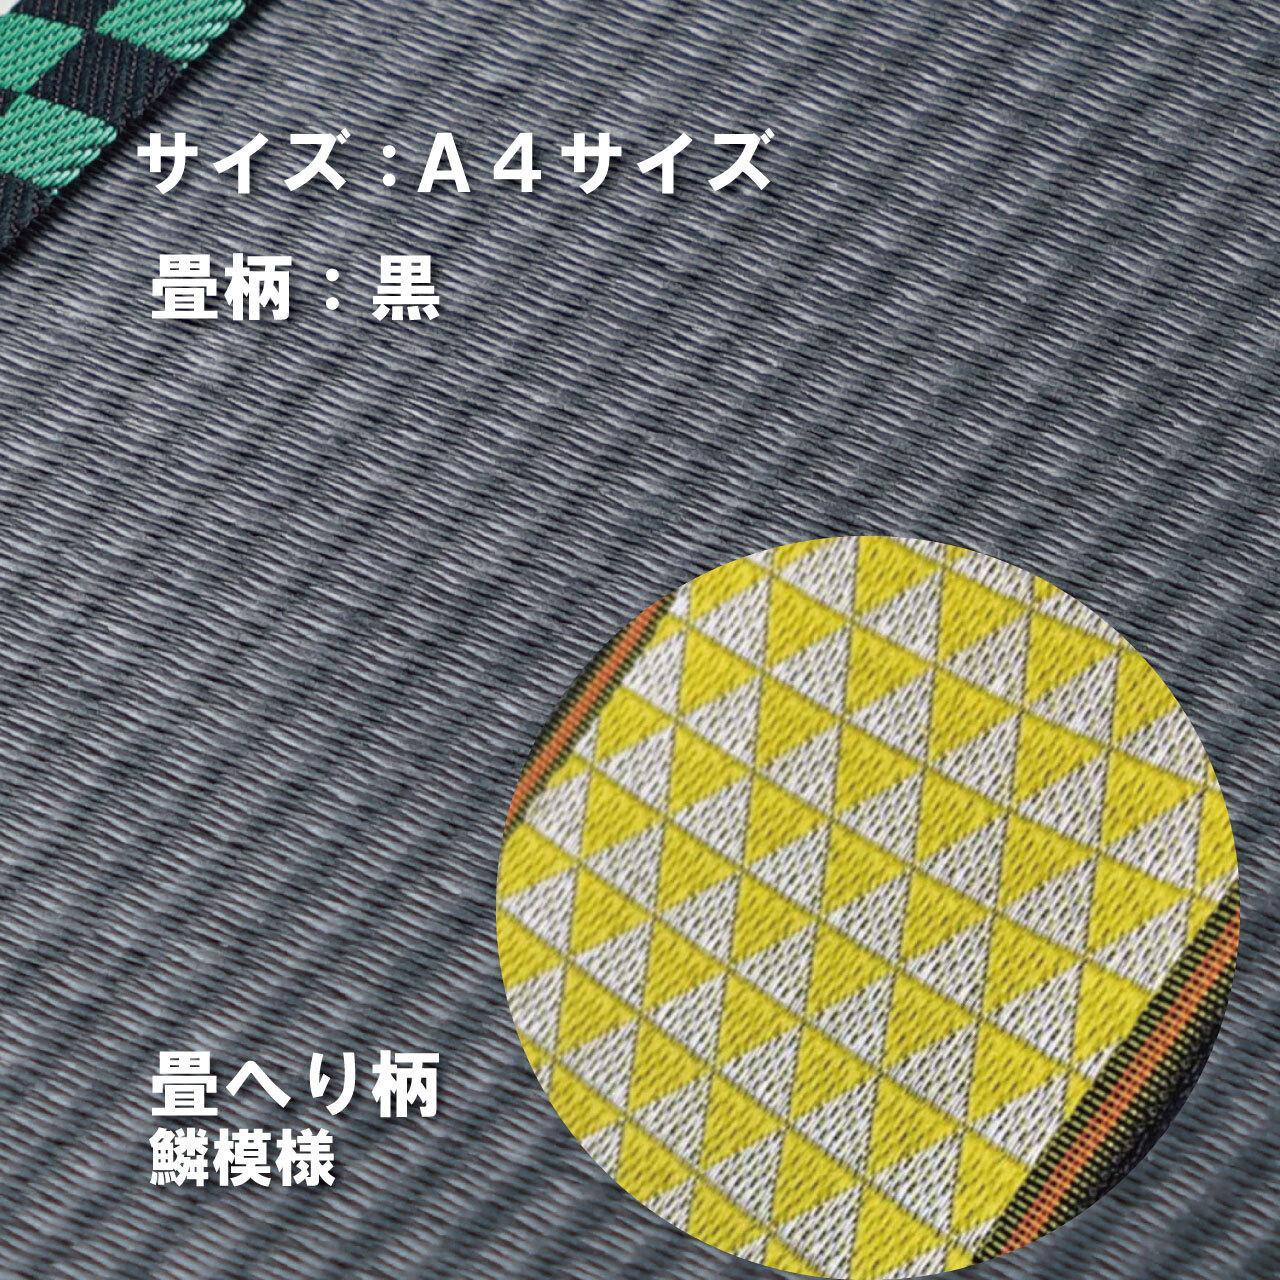 ミニ畳台 フィギア台や小物置きに♪ A4サイズ 畳:黒 縁の柄:鱗(うろこ)模様 A4B010